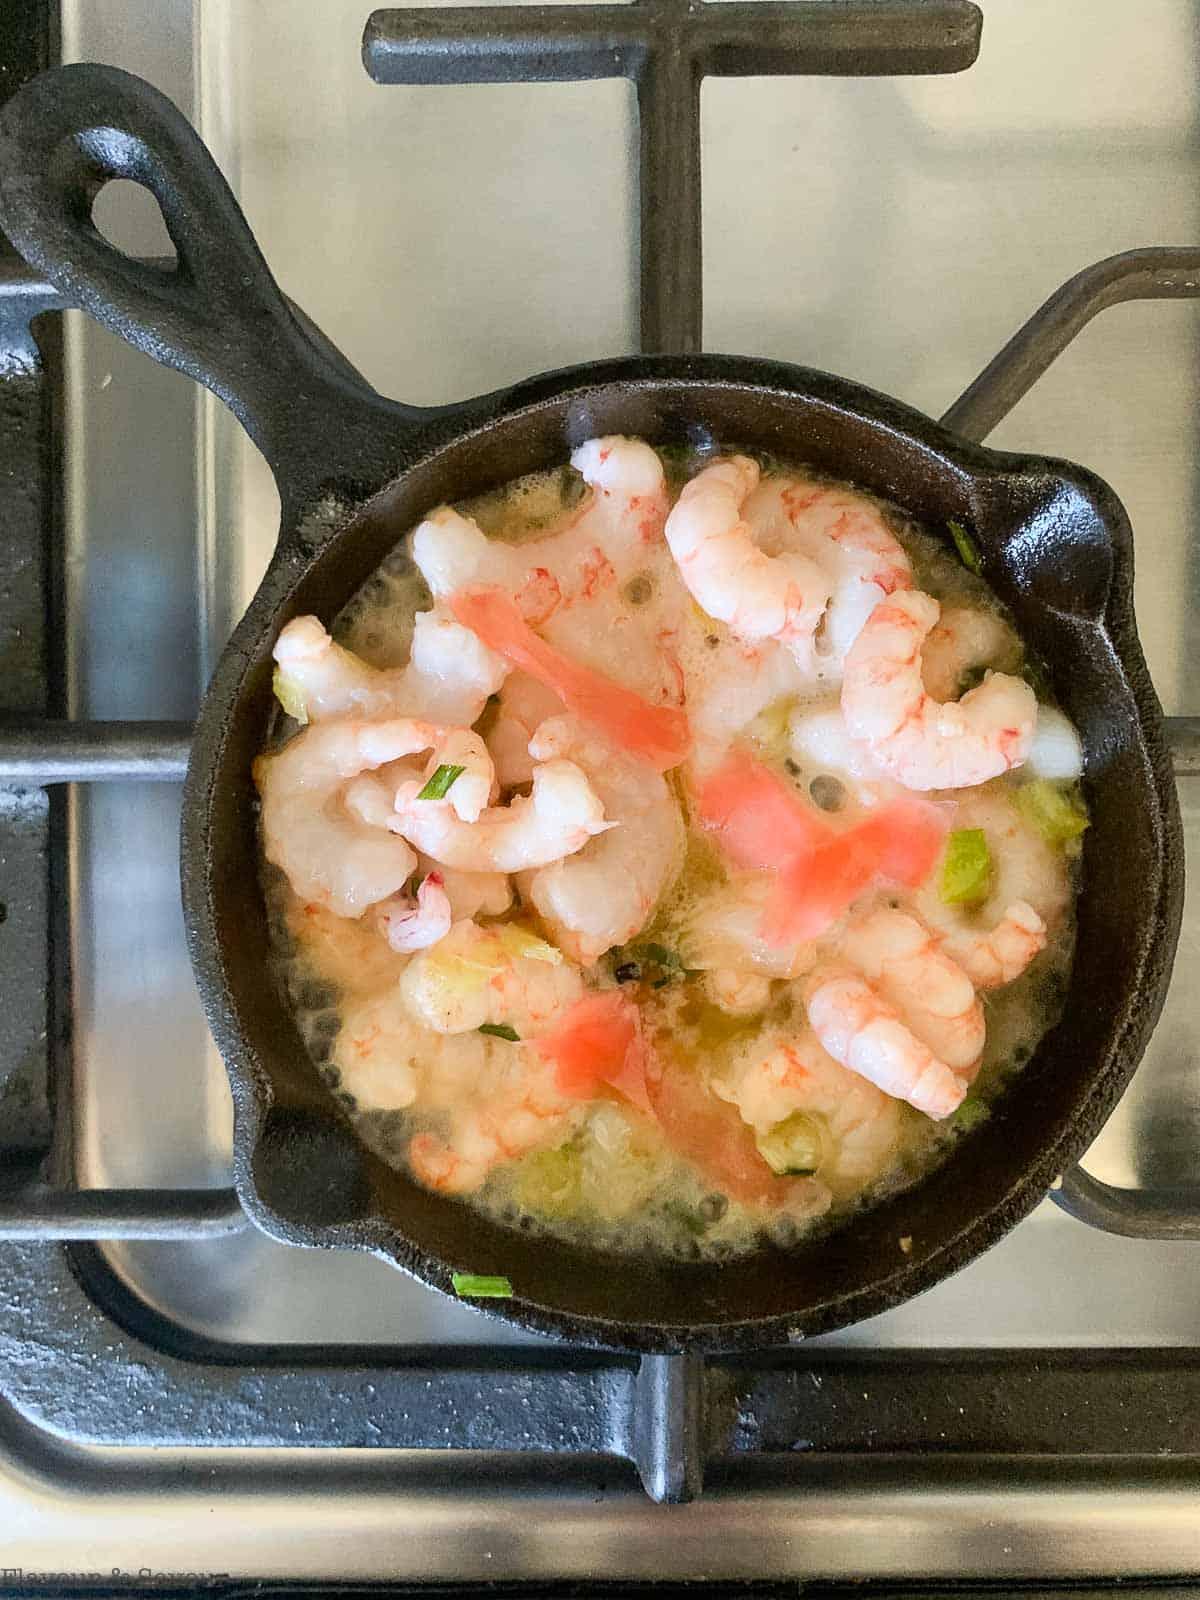 adding pickled ginger to shrimp in skillet